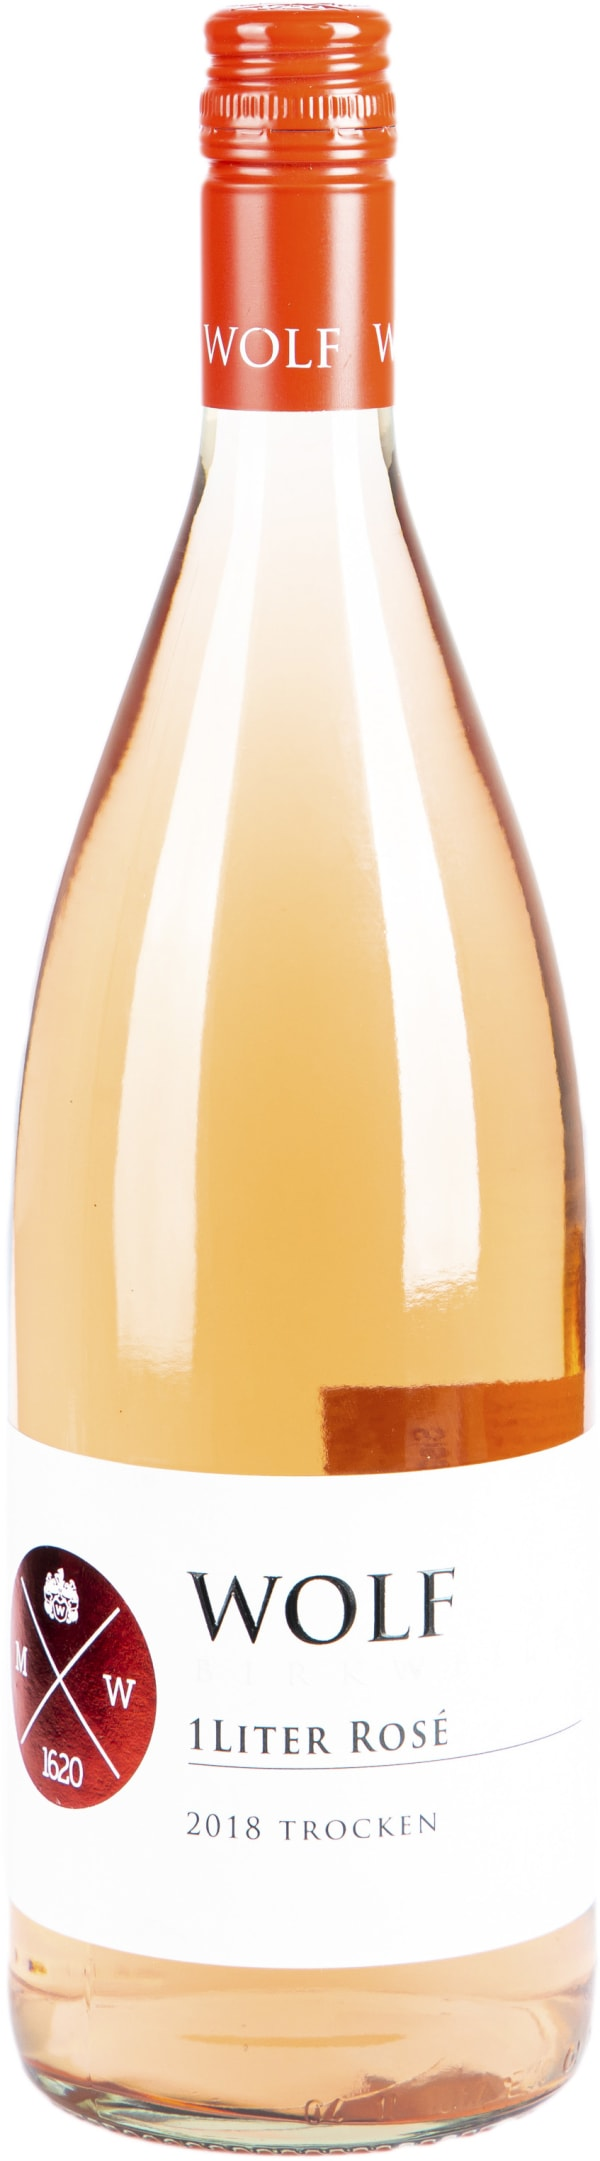 Weingut Wolf 1 Liter Rosé 2018